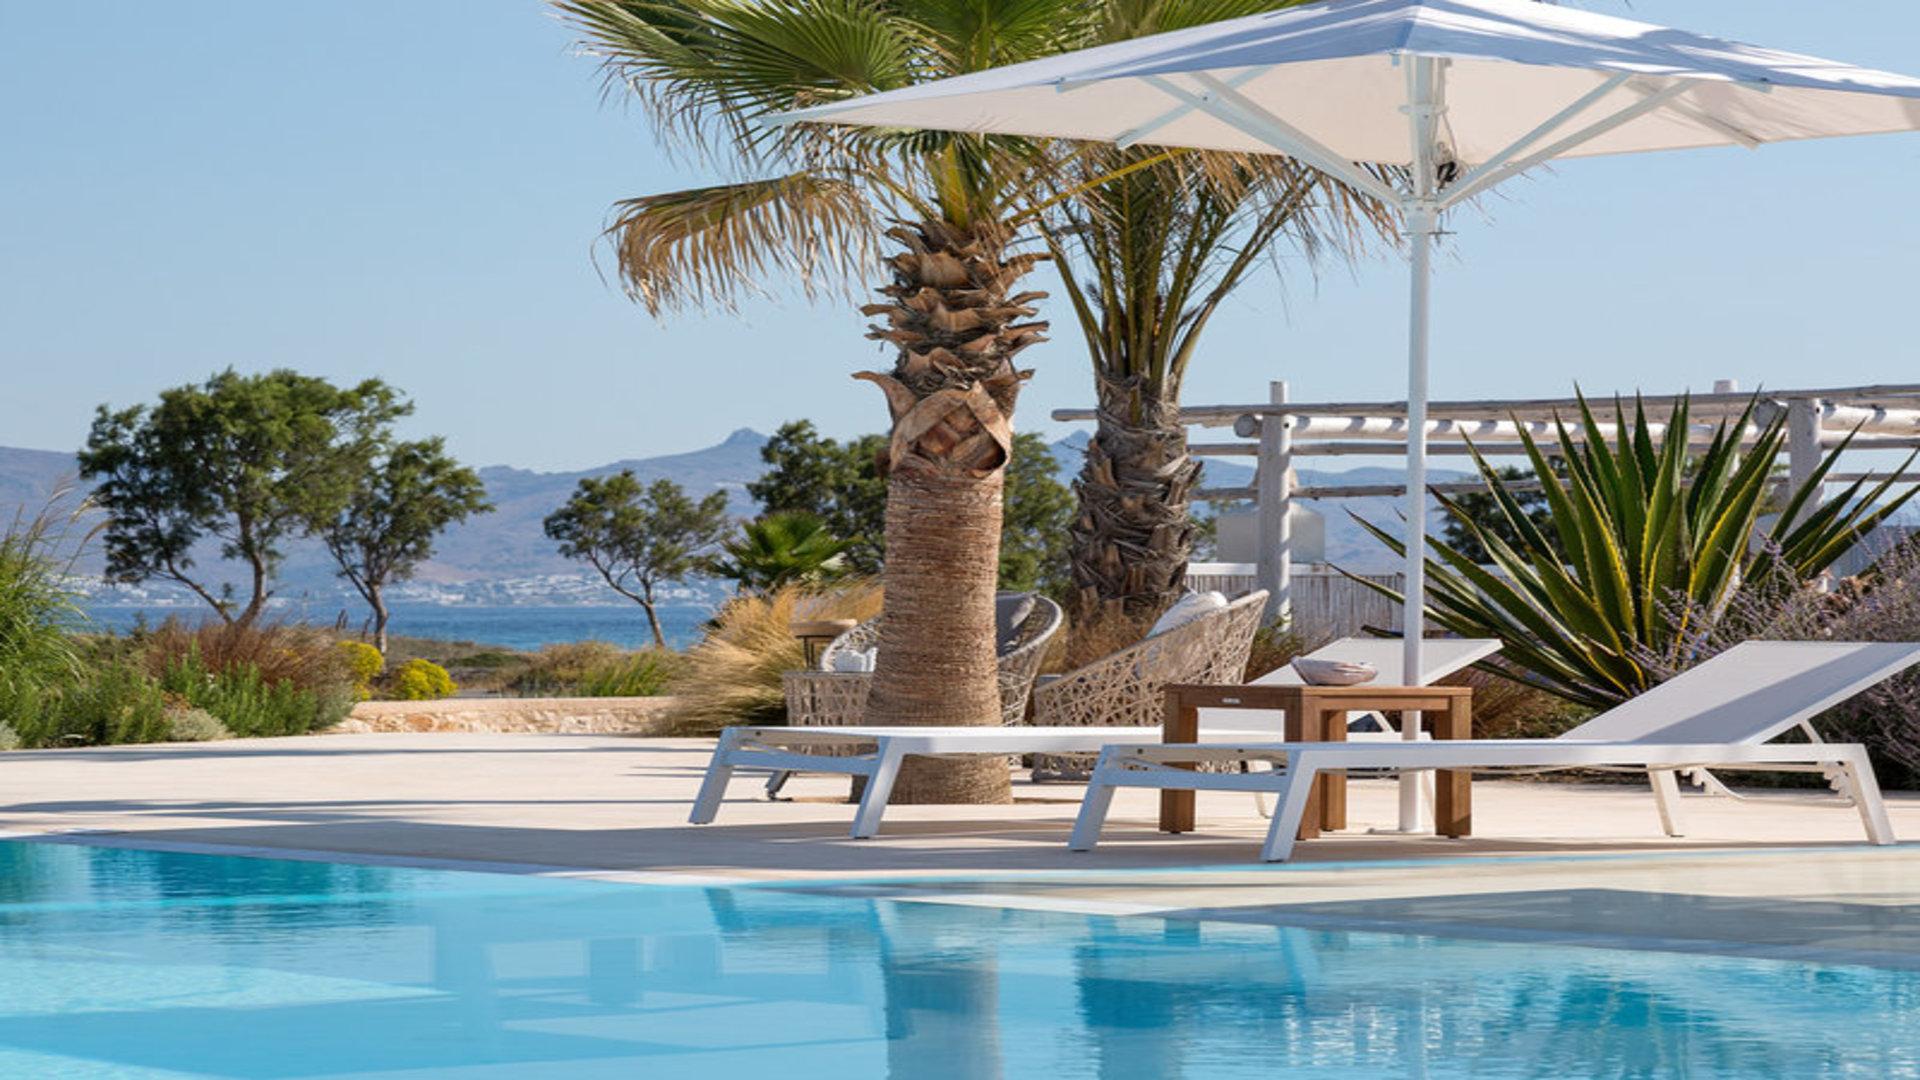 Ligstoelen bij zwembad, hotel White Pearls, Kos-Lambi, Kos, Griekenland